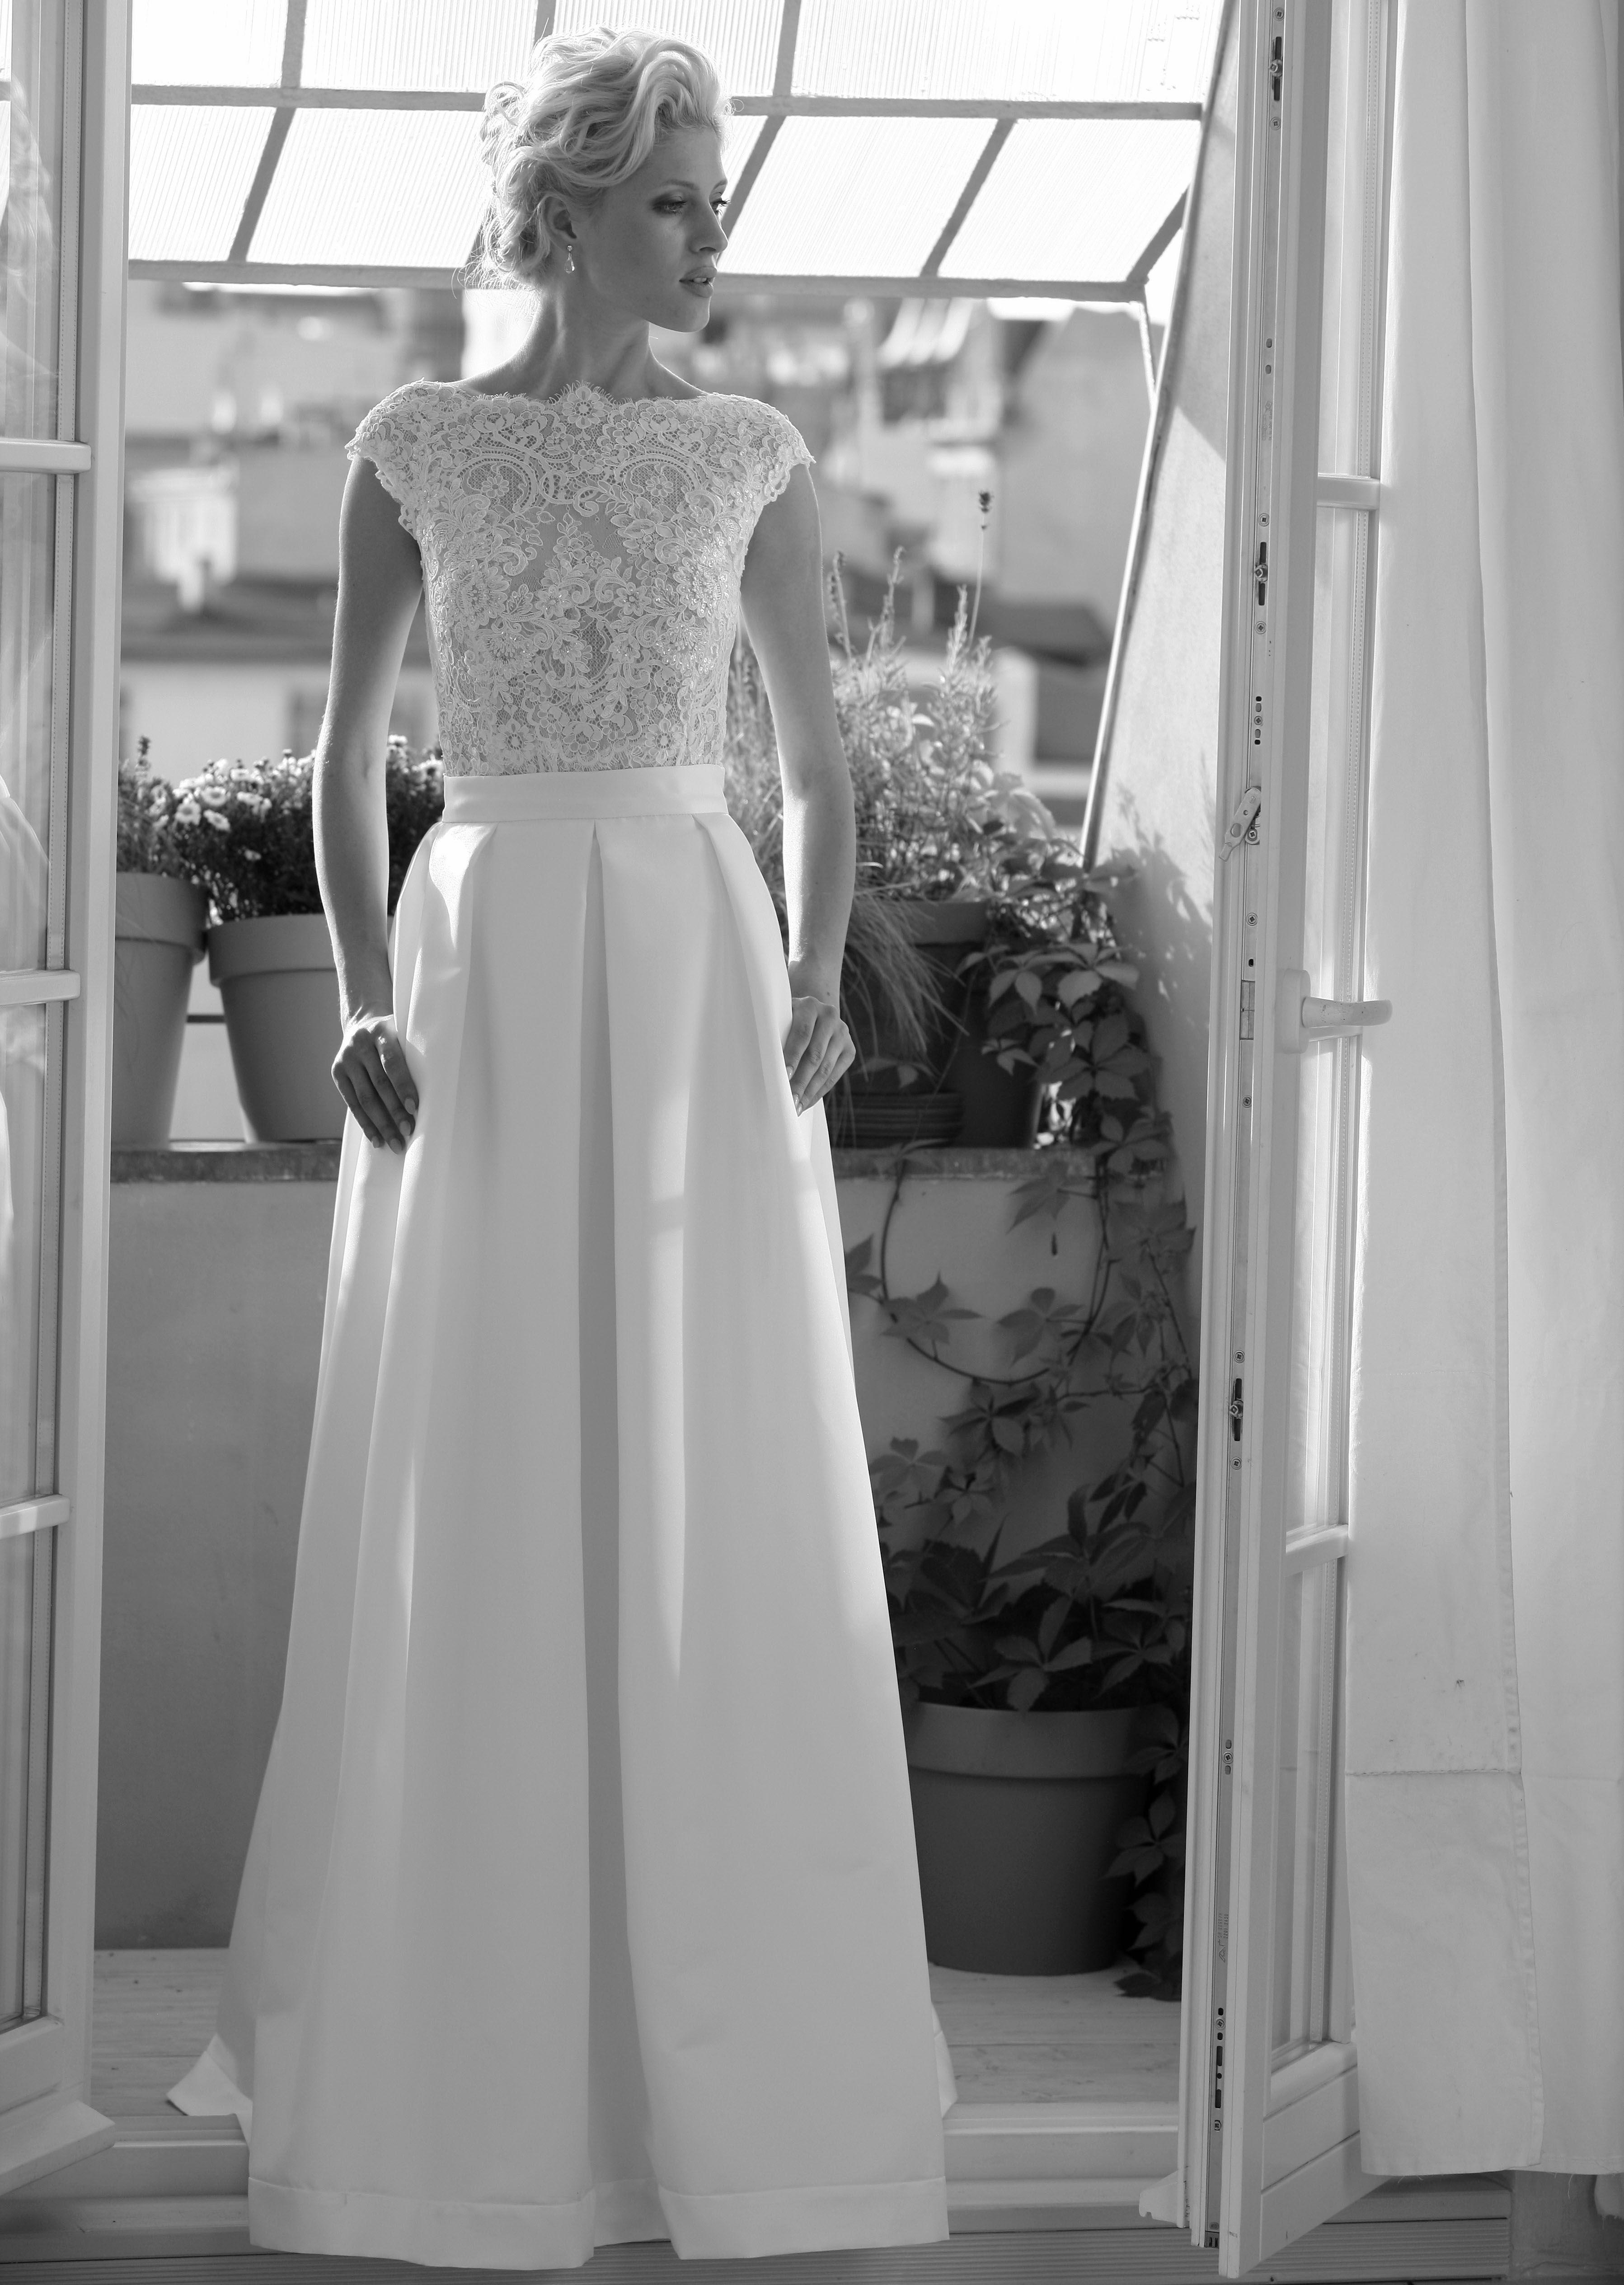 modell kelly mit satin skirt 719 silk lace hochzeitskleider wir verfolgen die neusten. Black Bedroom Furniture Sets. Home Design Ideas